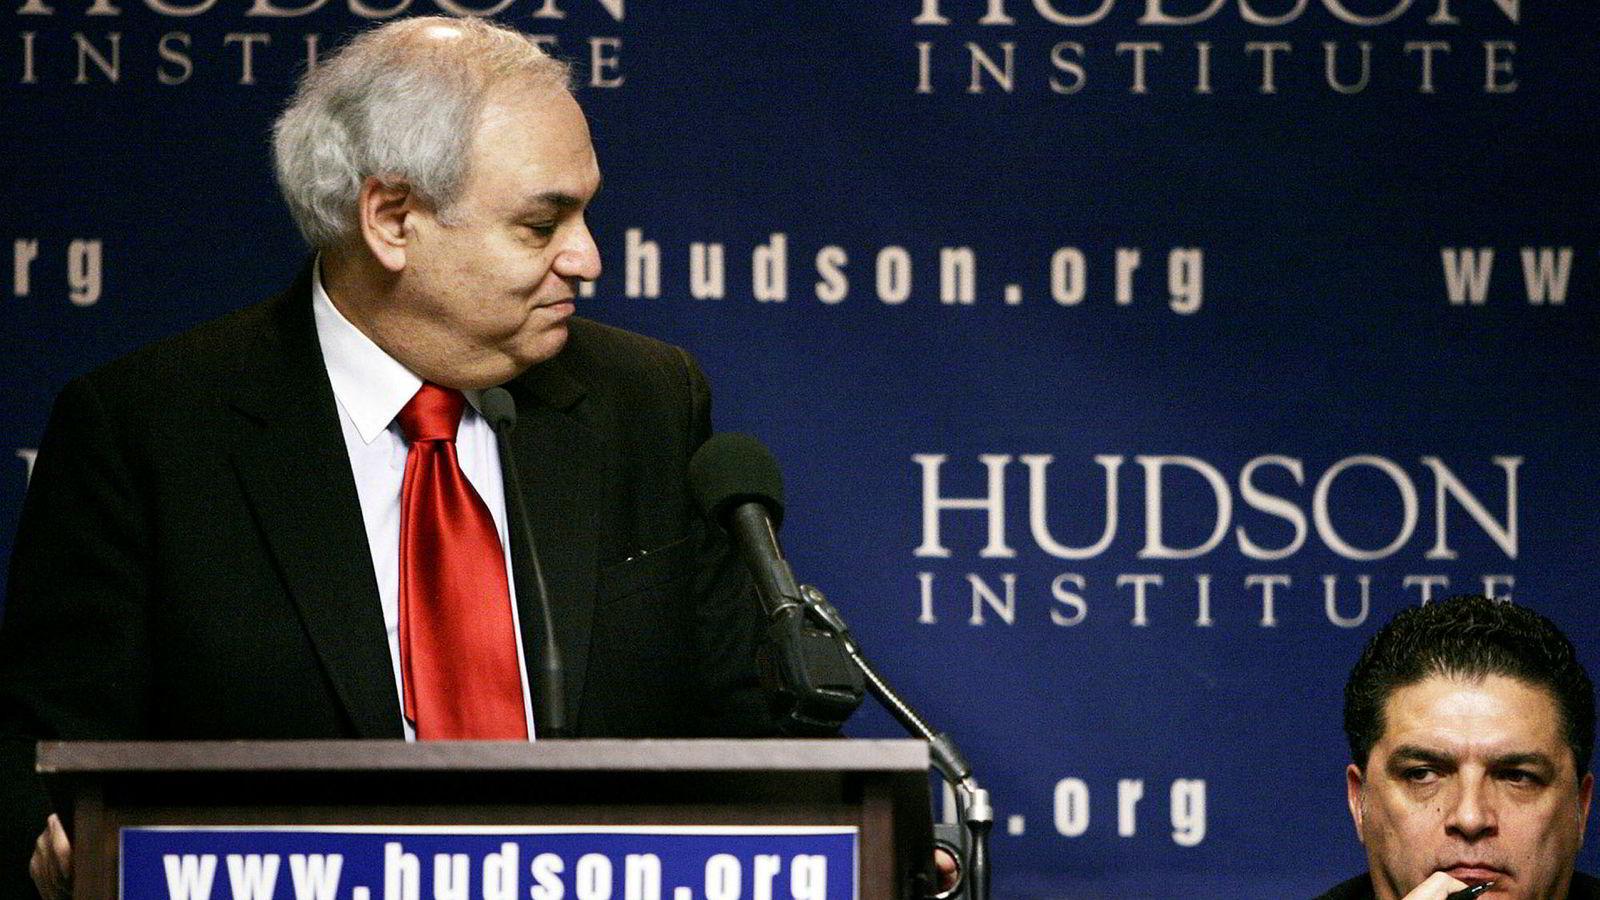 Den nykonservative tenkeren Richard Perle (til venstre) var en sterk tilhenger av en svært robust amerikansk utenrikspolitikk under president George W. Bush. Her på Hudson Institute i Washington D.C. i februar 2005. Til høyre, Entifadh Qanbar.